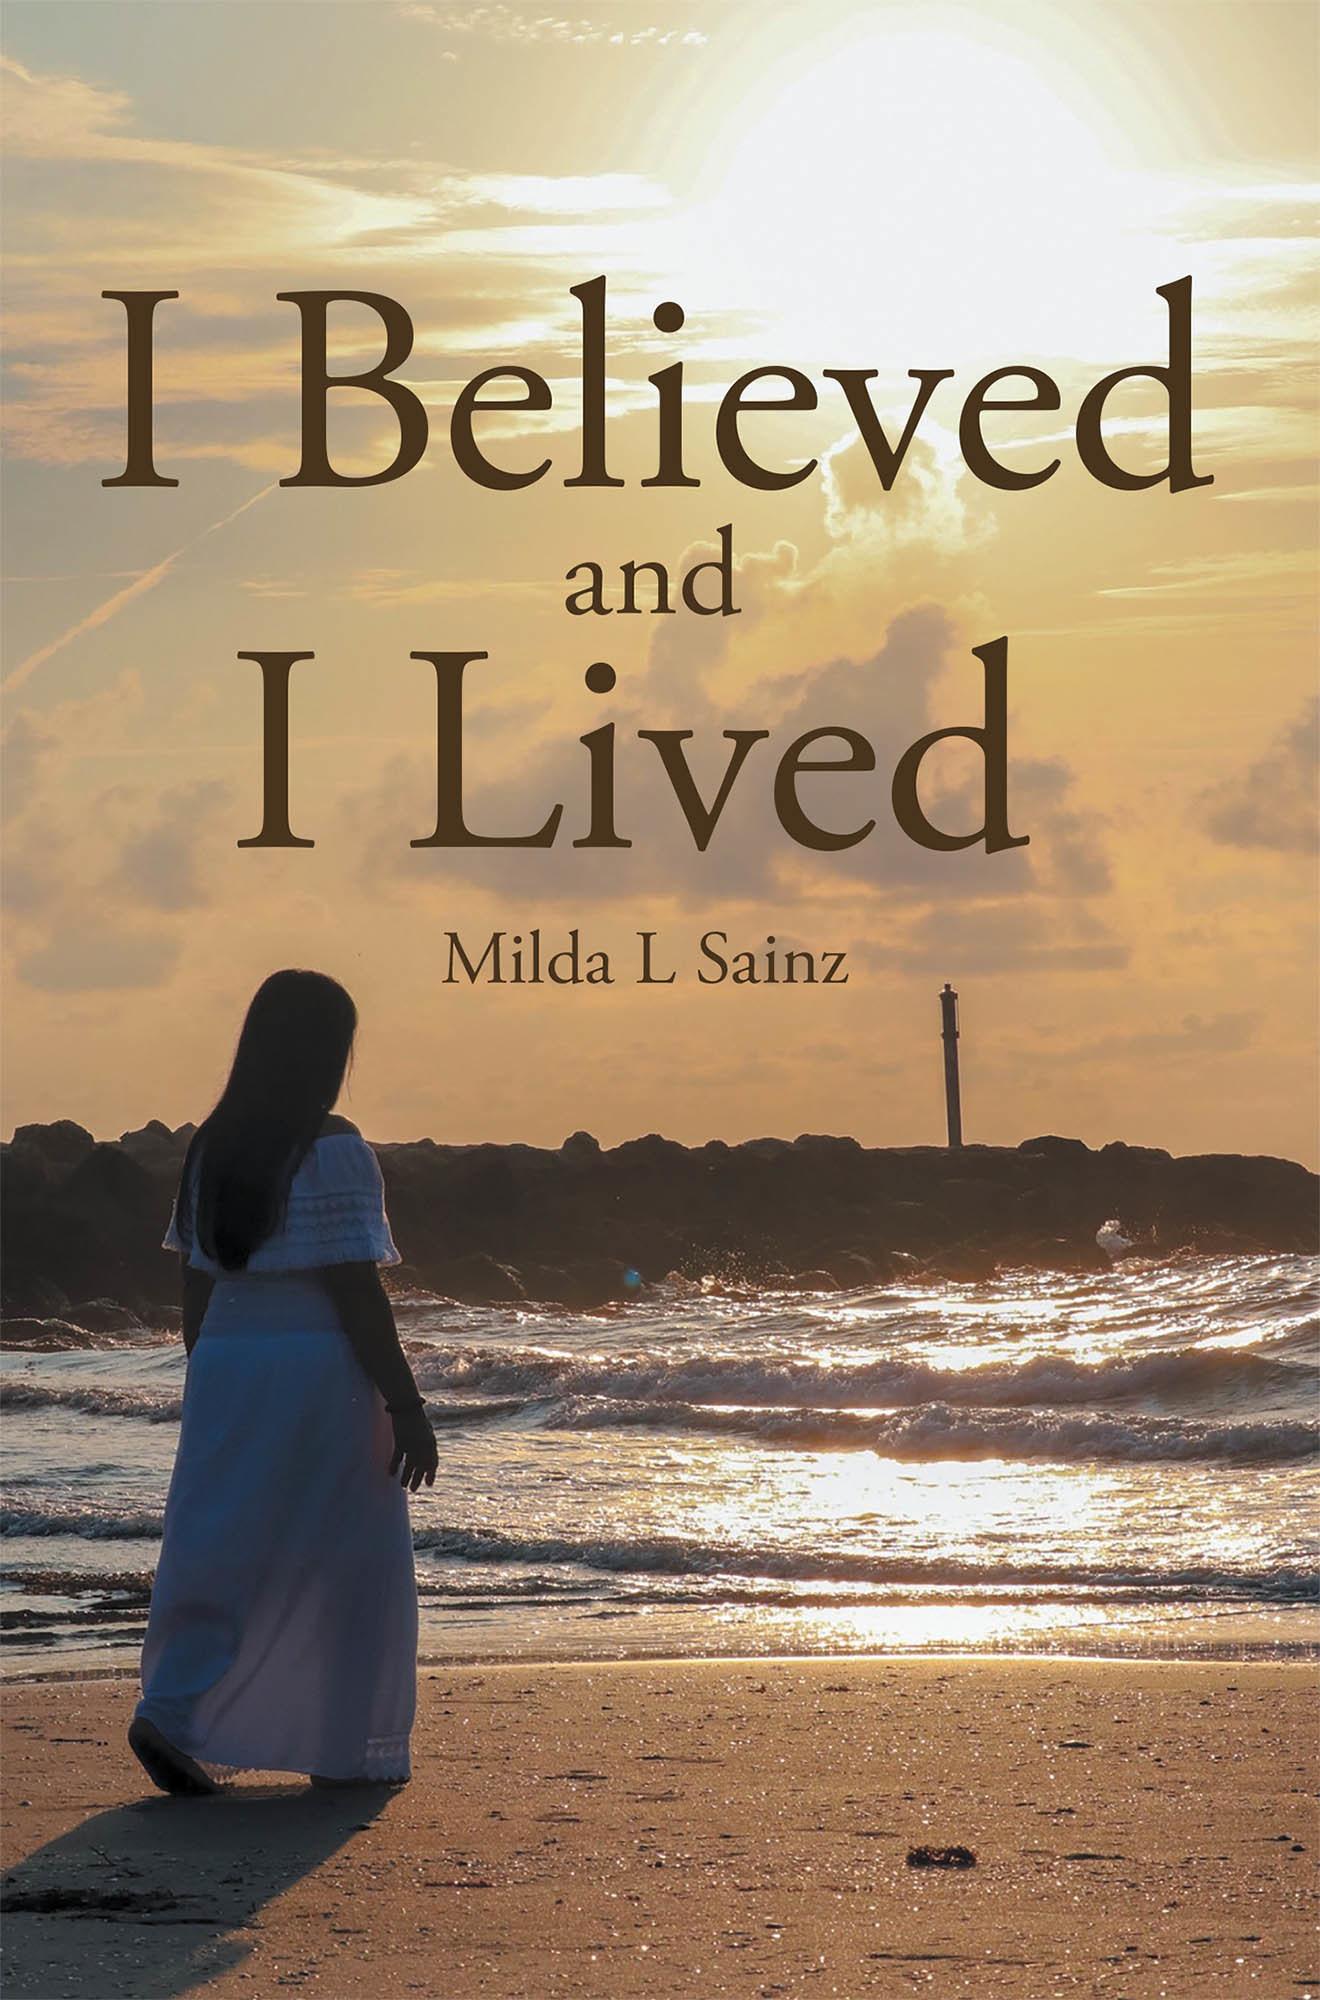 Milda Sainz: «I Believed and I Lived» nos presenta un mensaje esperanzador y lleno de fe